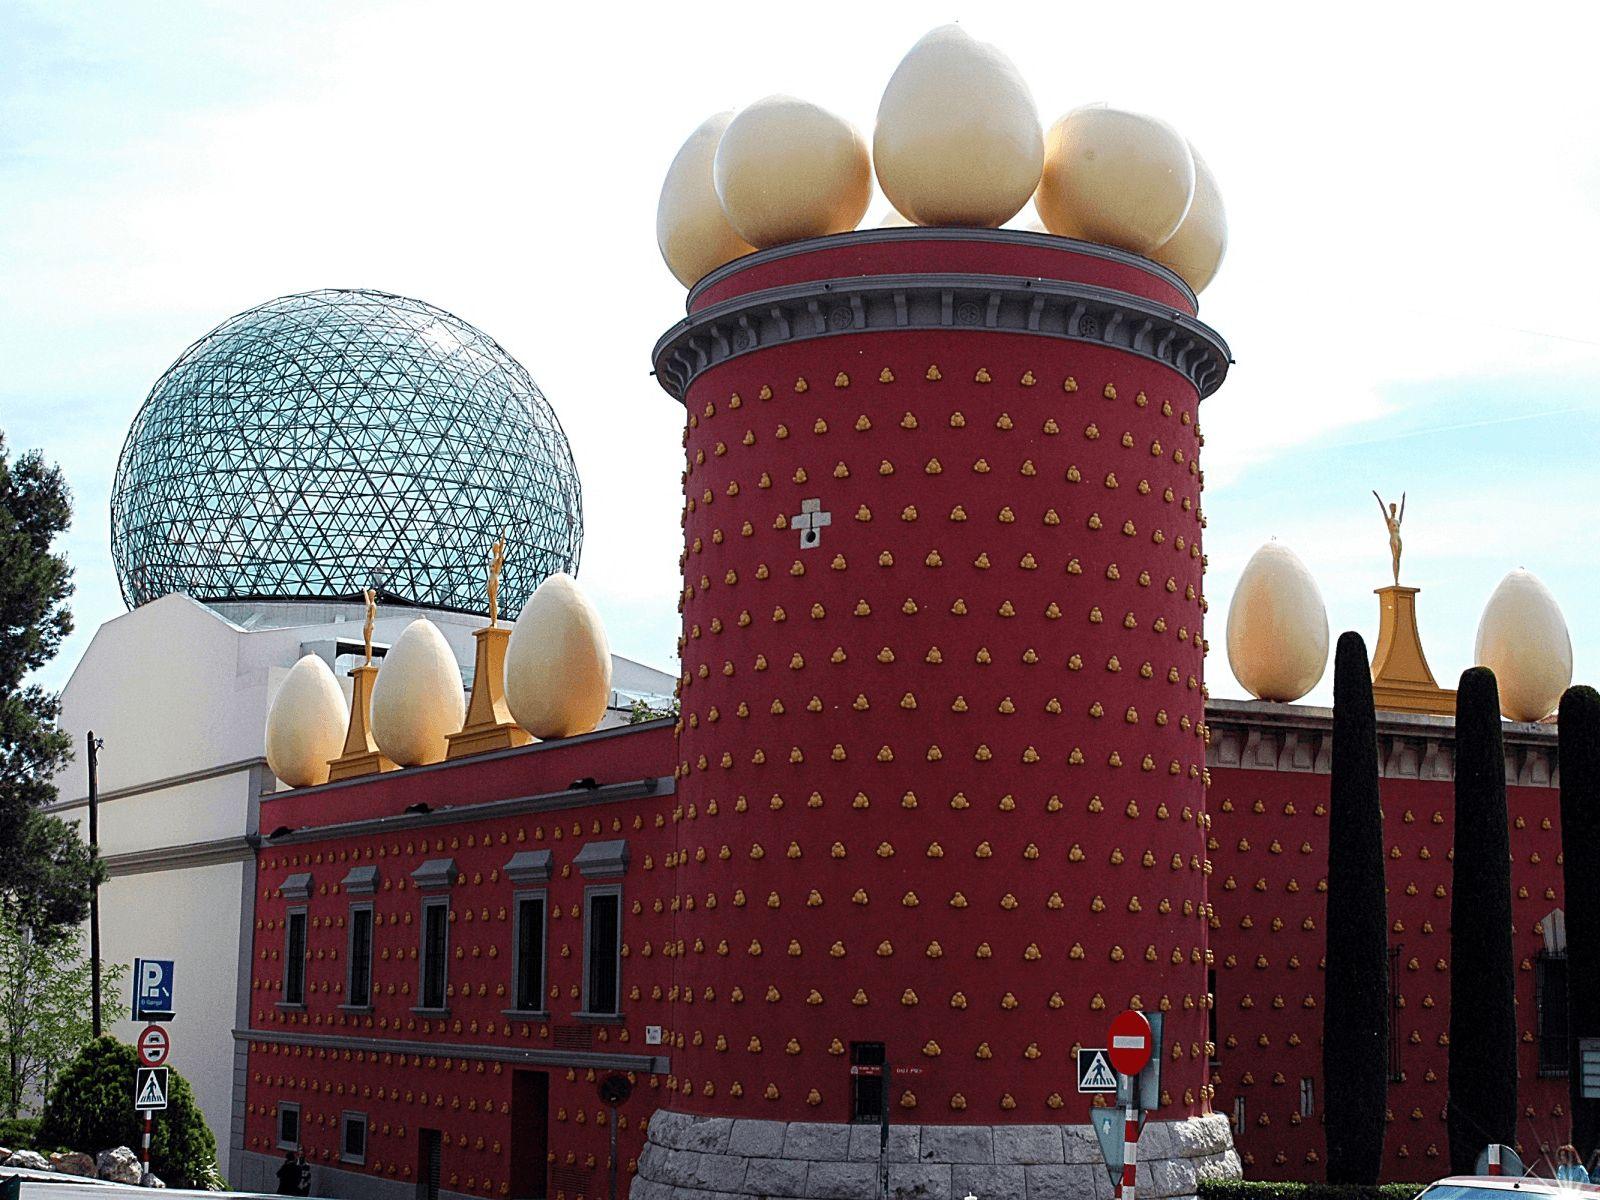 Španjolska i Gardaland: Figueres: Muzej teatar Dali